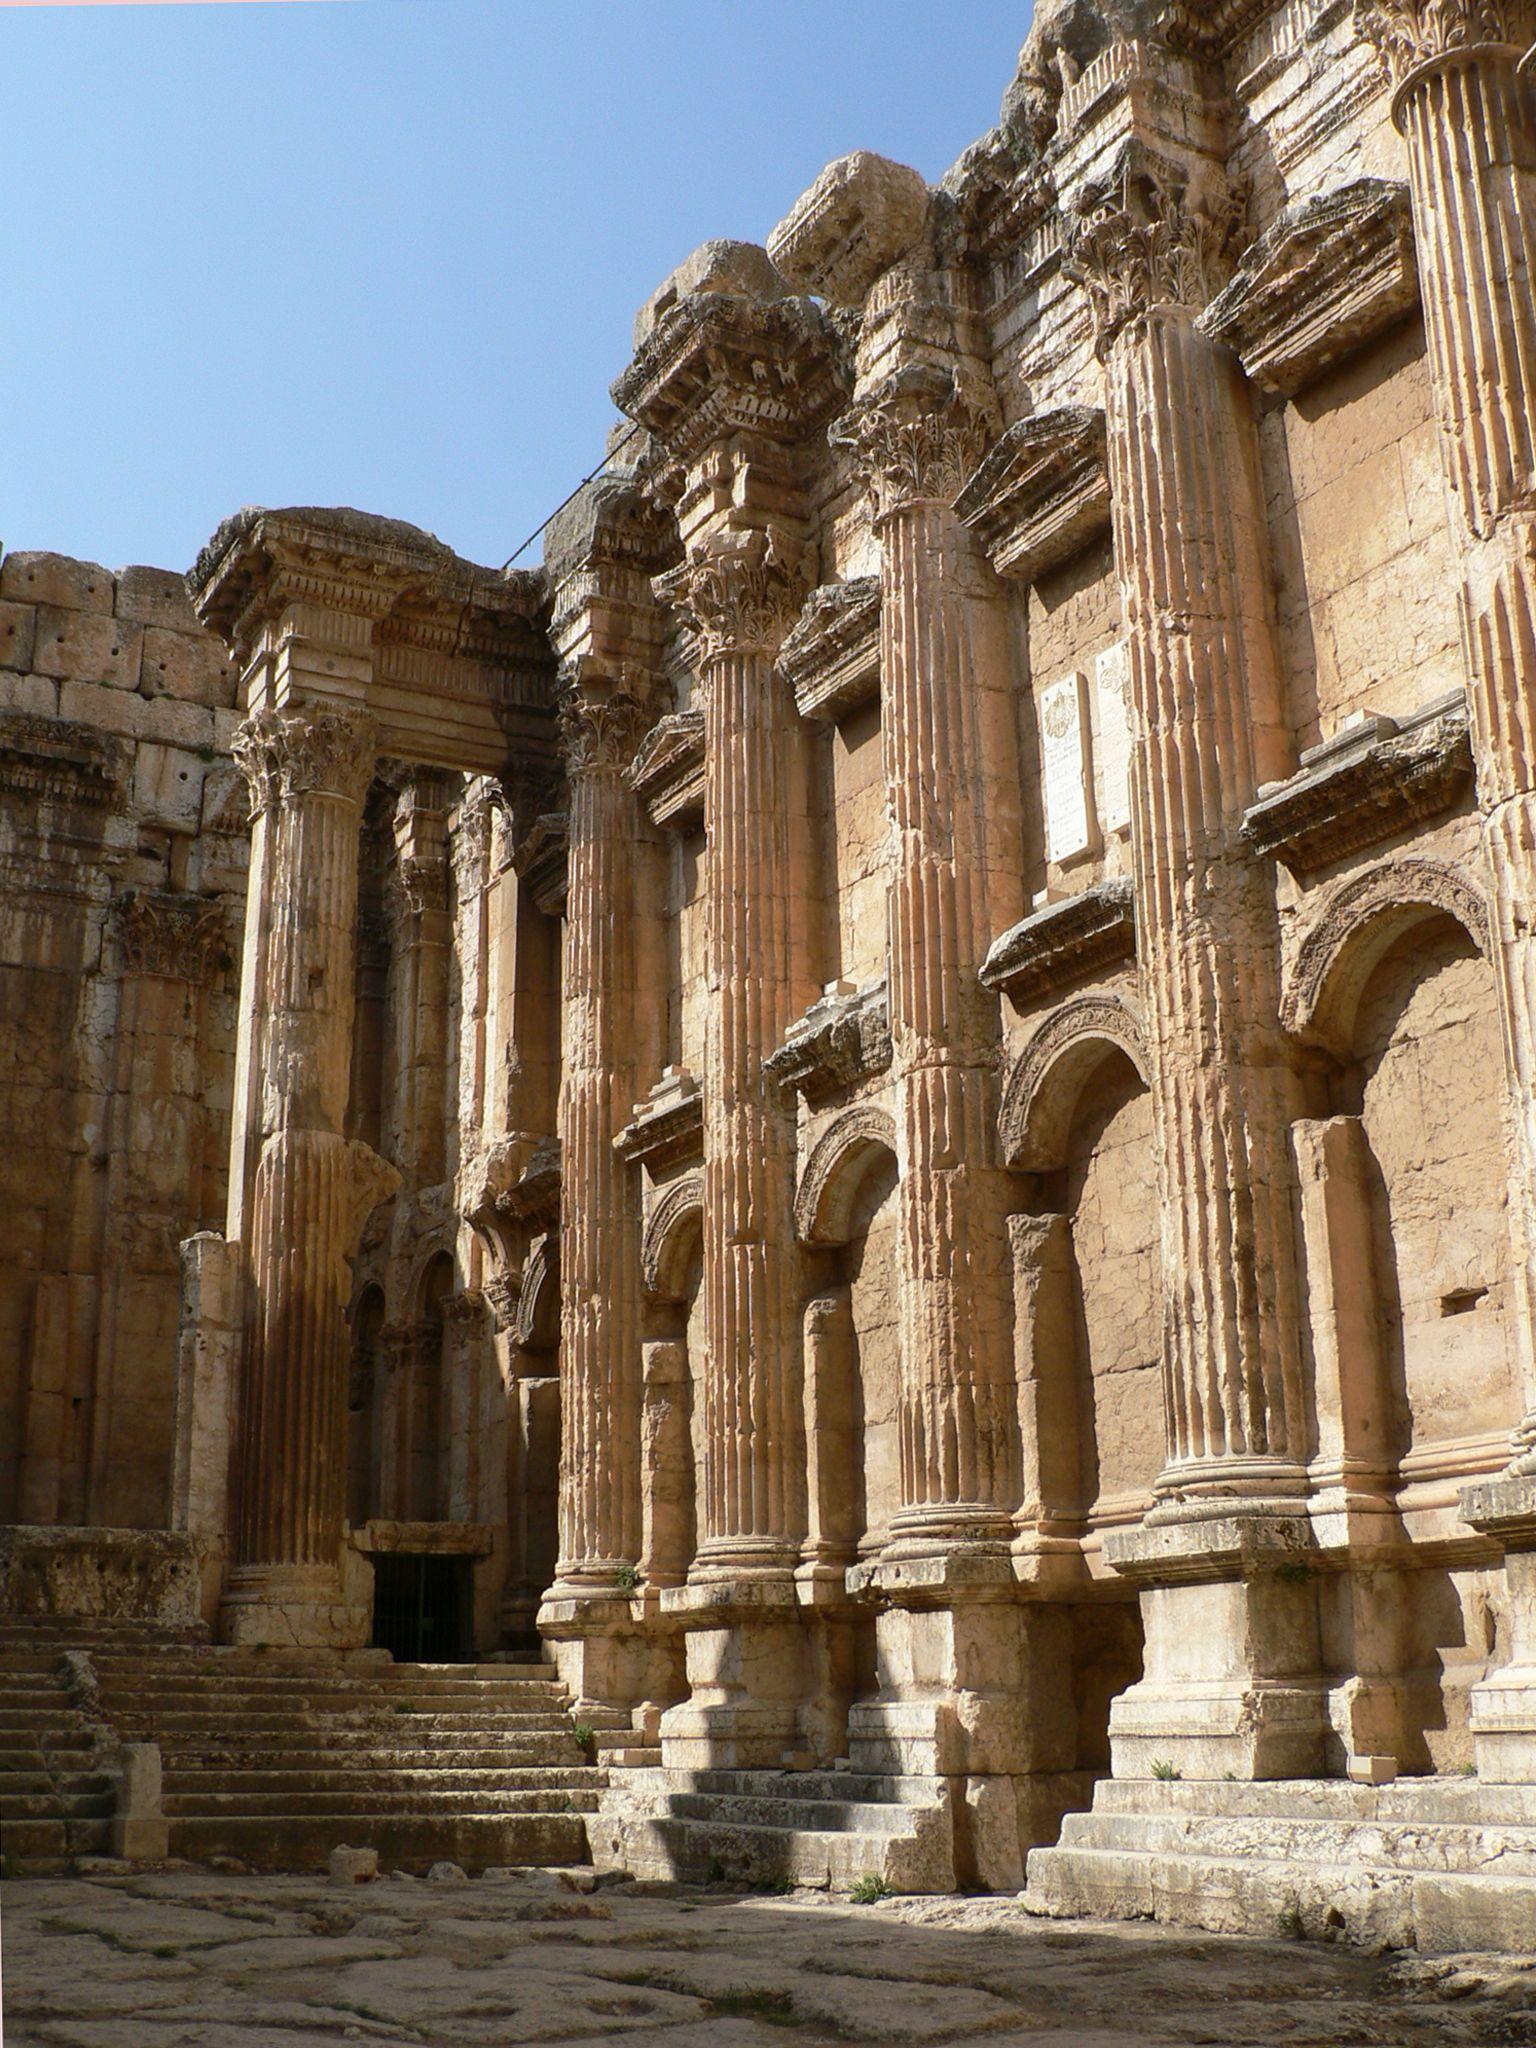 Bacchus Baalbek Ancient Roman Architecture Ancient Buildings Roman Architecture